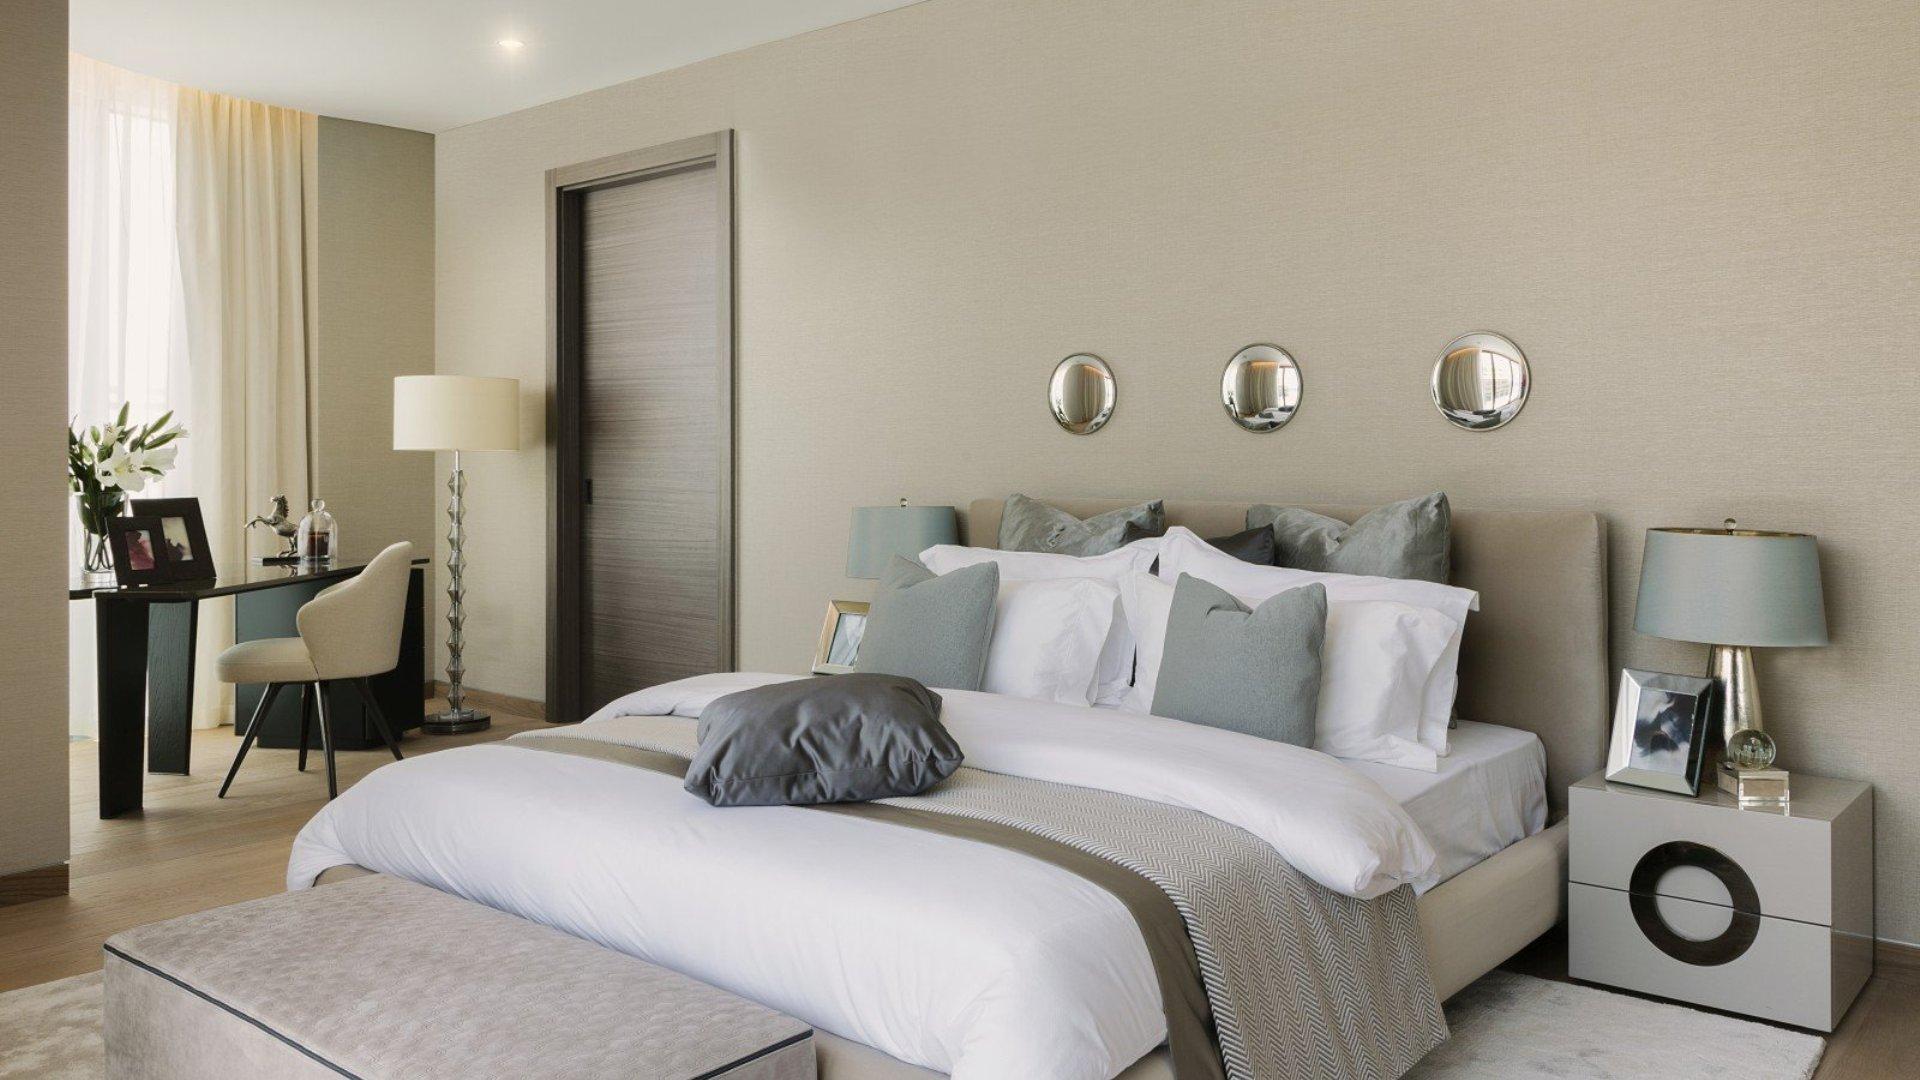 Ático en venta en Dubai, EAU, 4 dormitorios, 1416 m2, № 24265 – foto 2